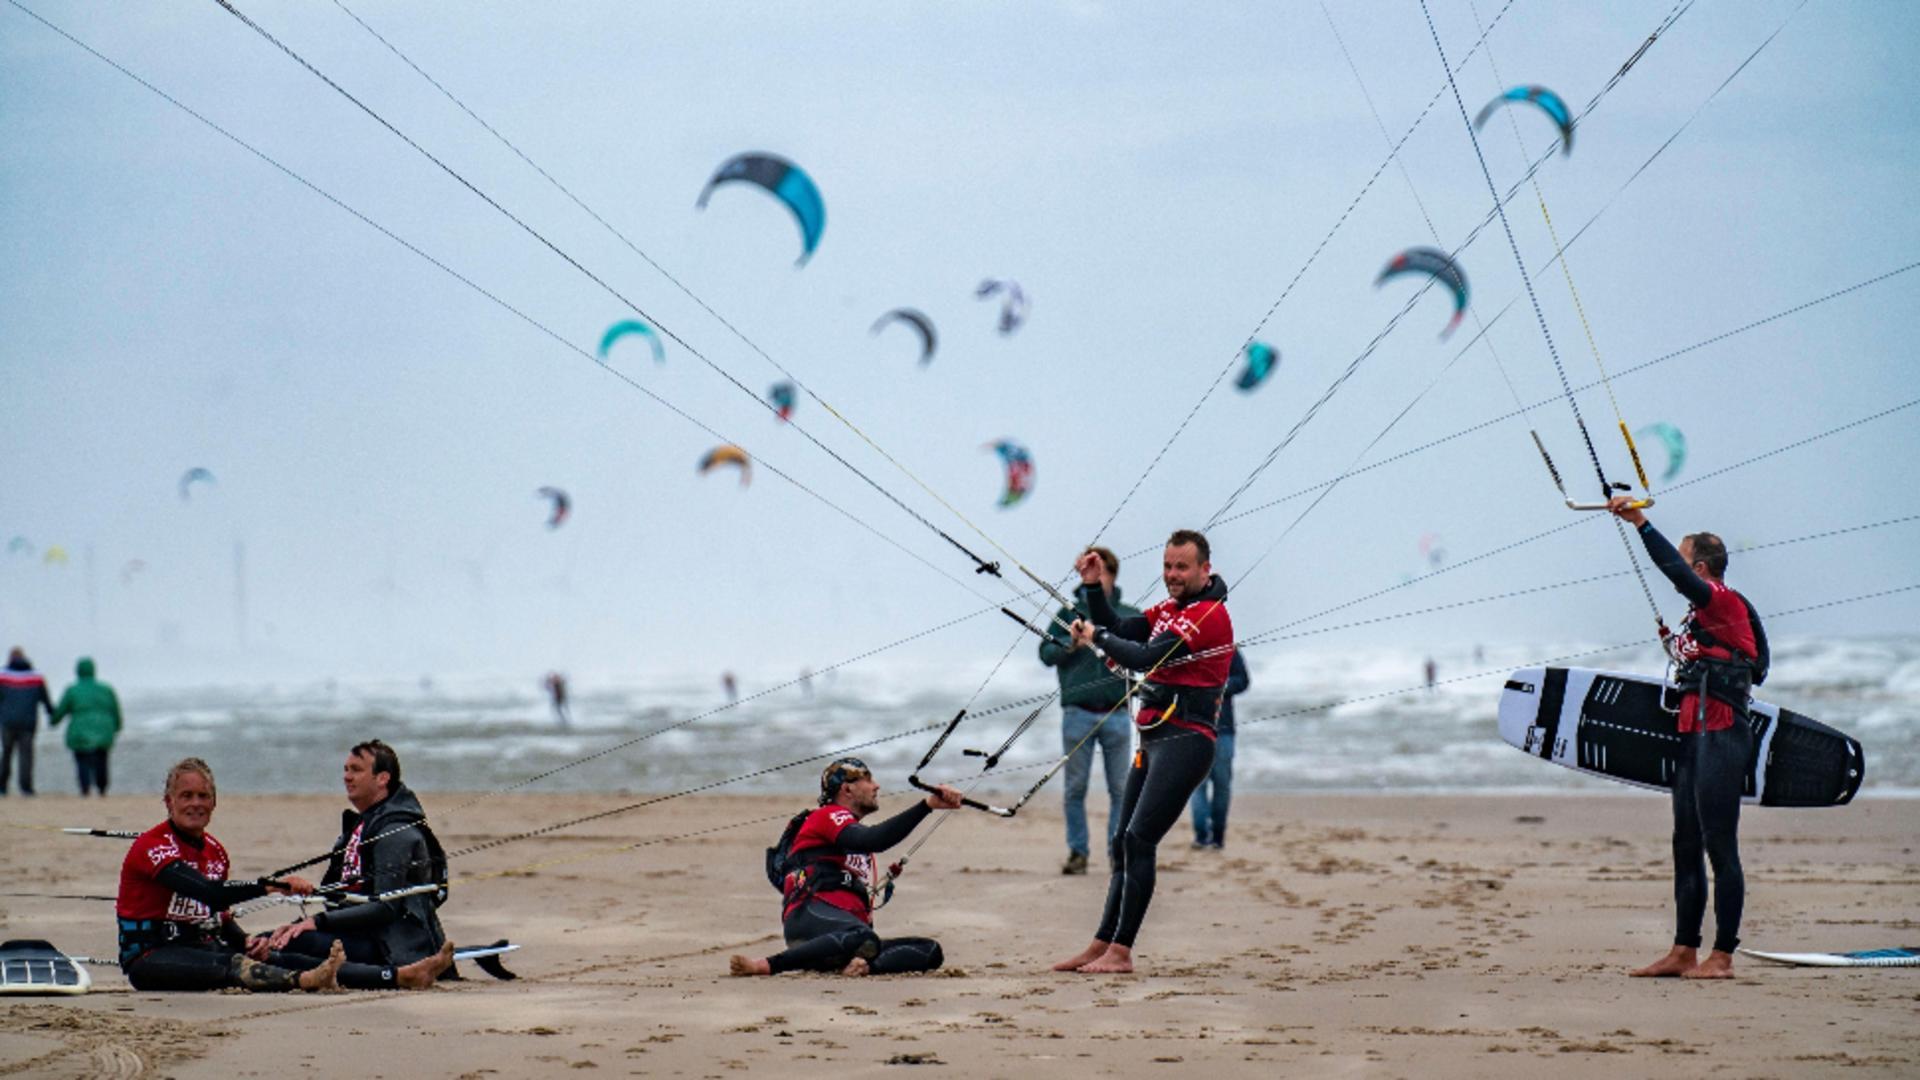 Vreme perfectă pentru pasionații de sporturi extreme. Foto/Profimedia